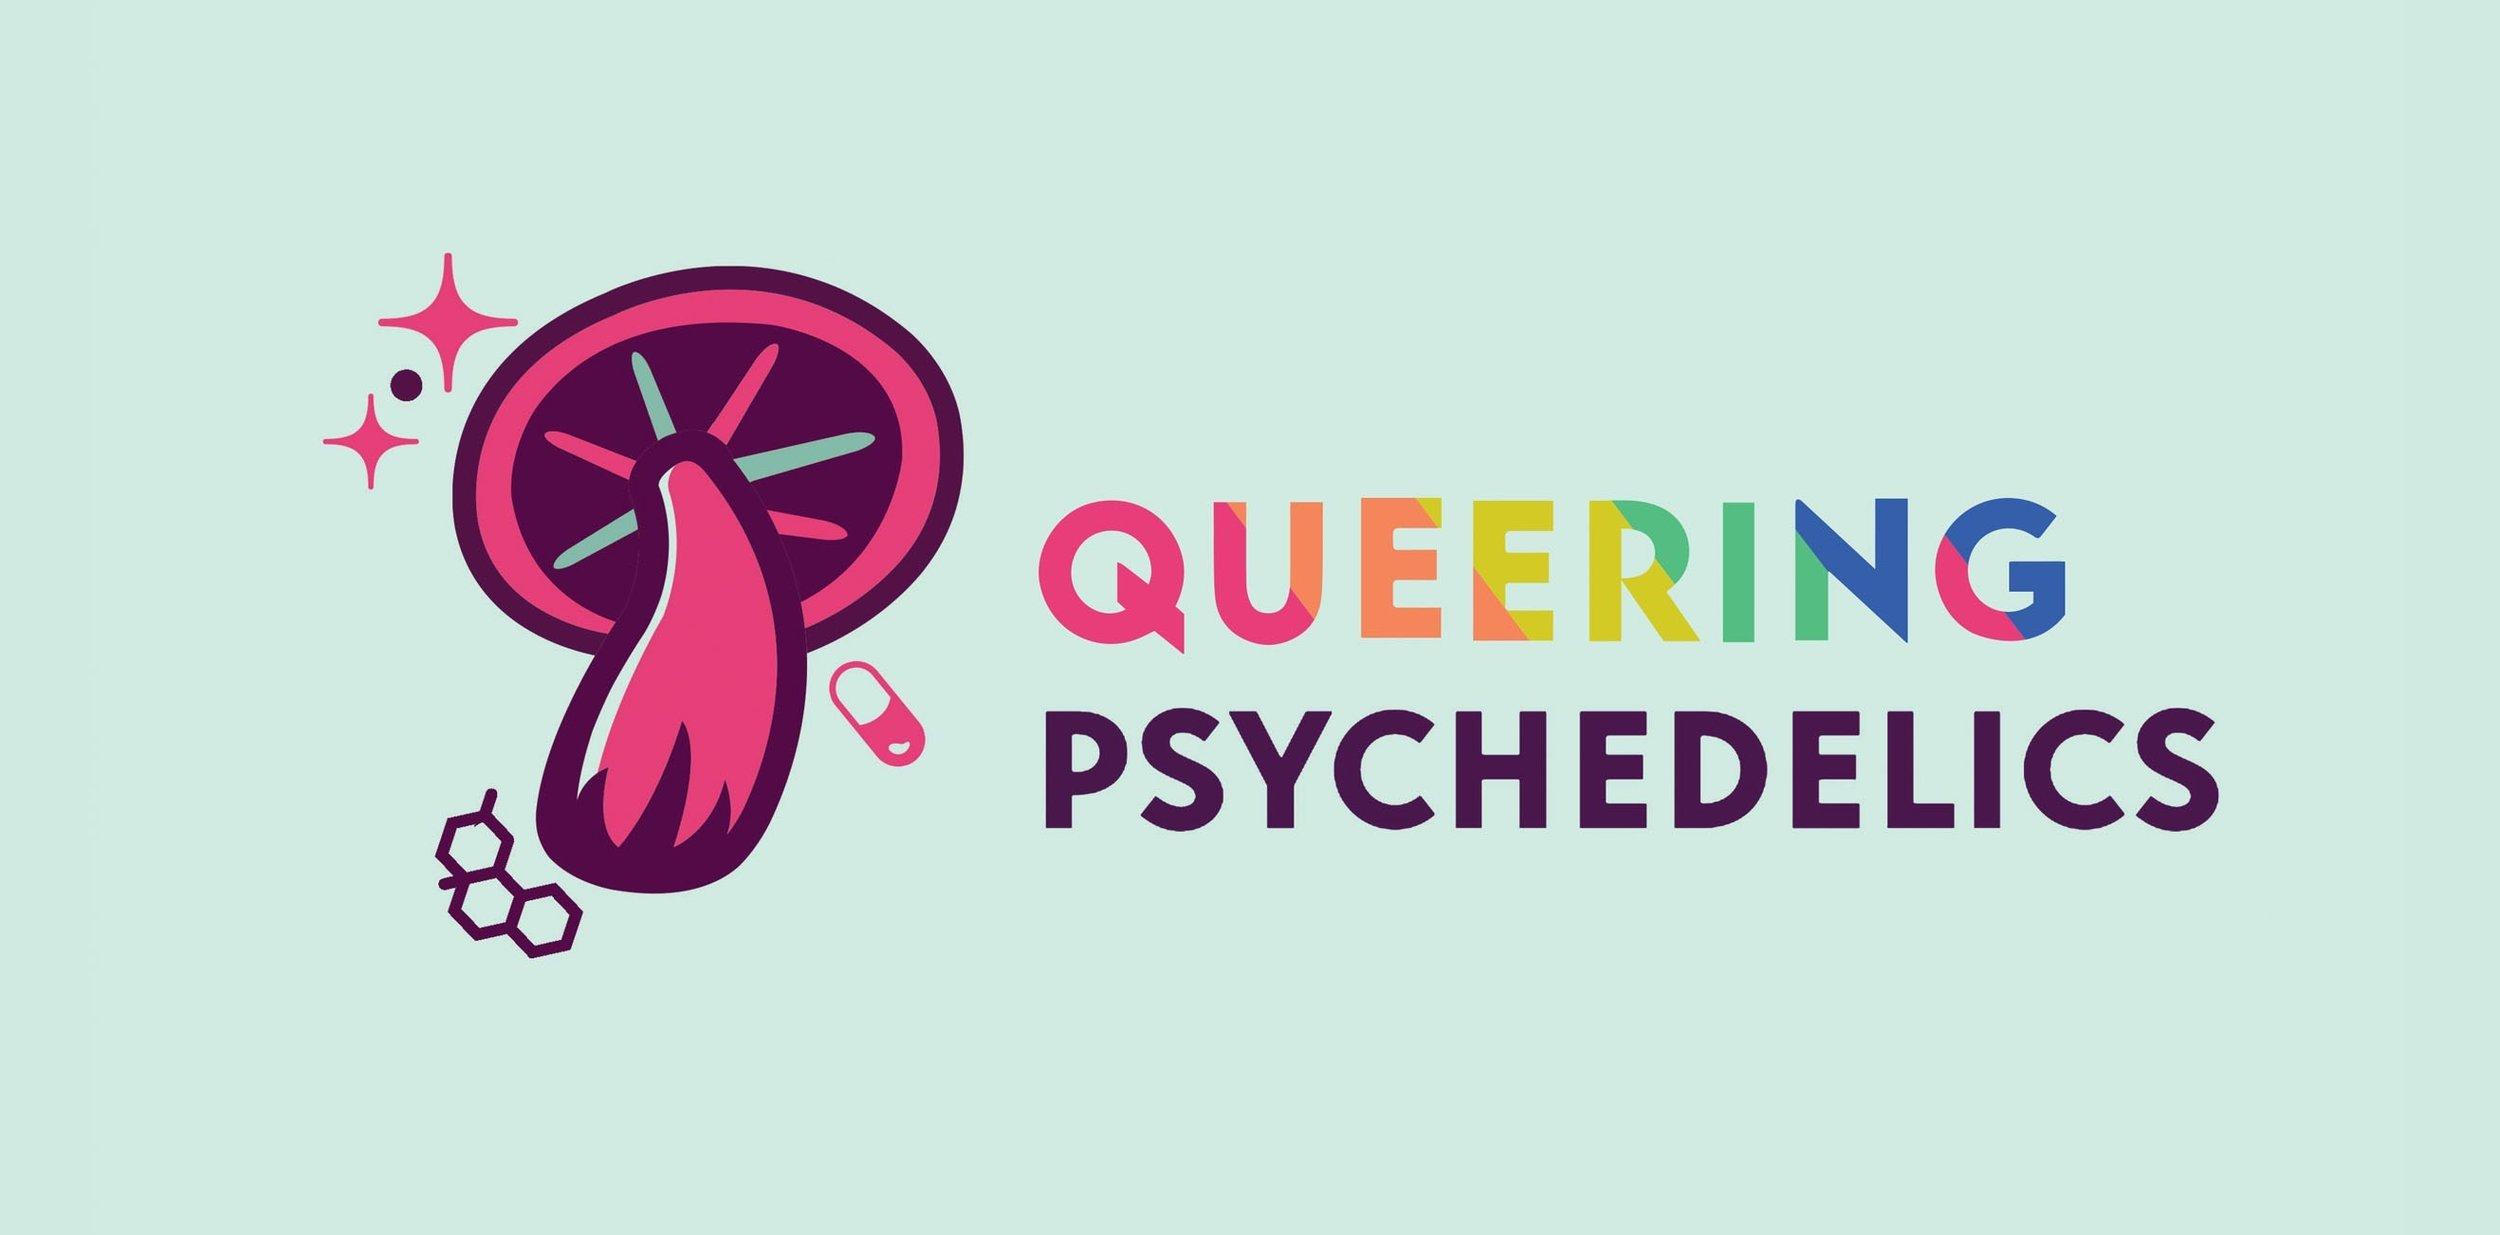 Logo-Queering-Psychodelics.jpg